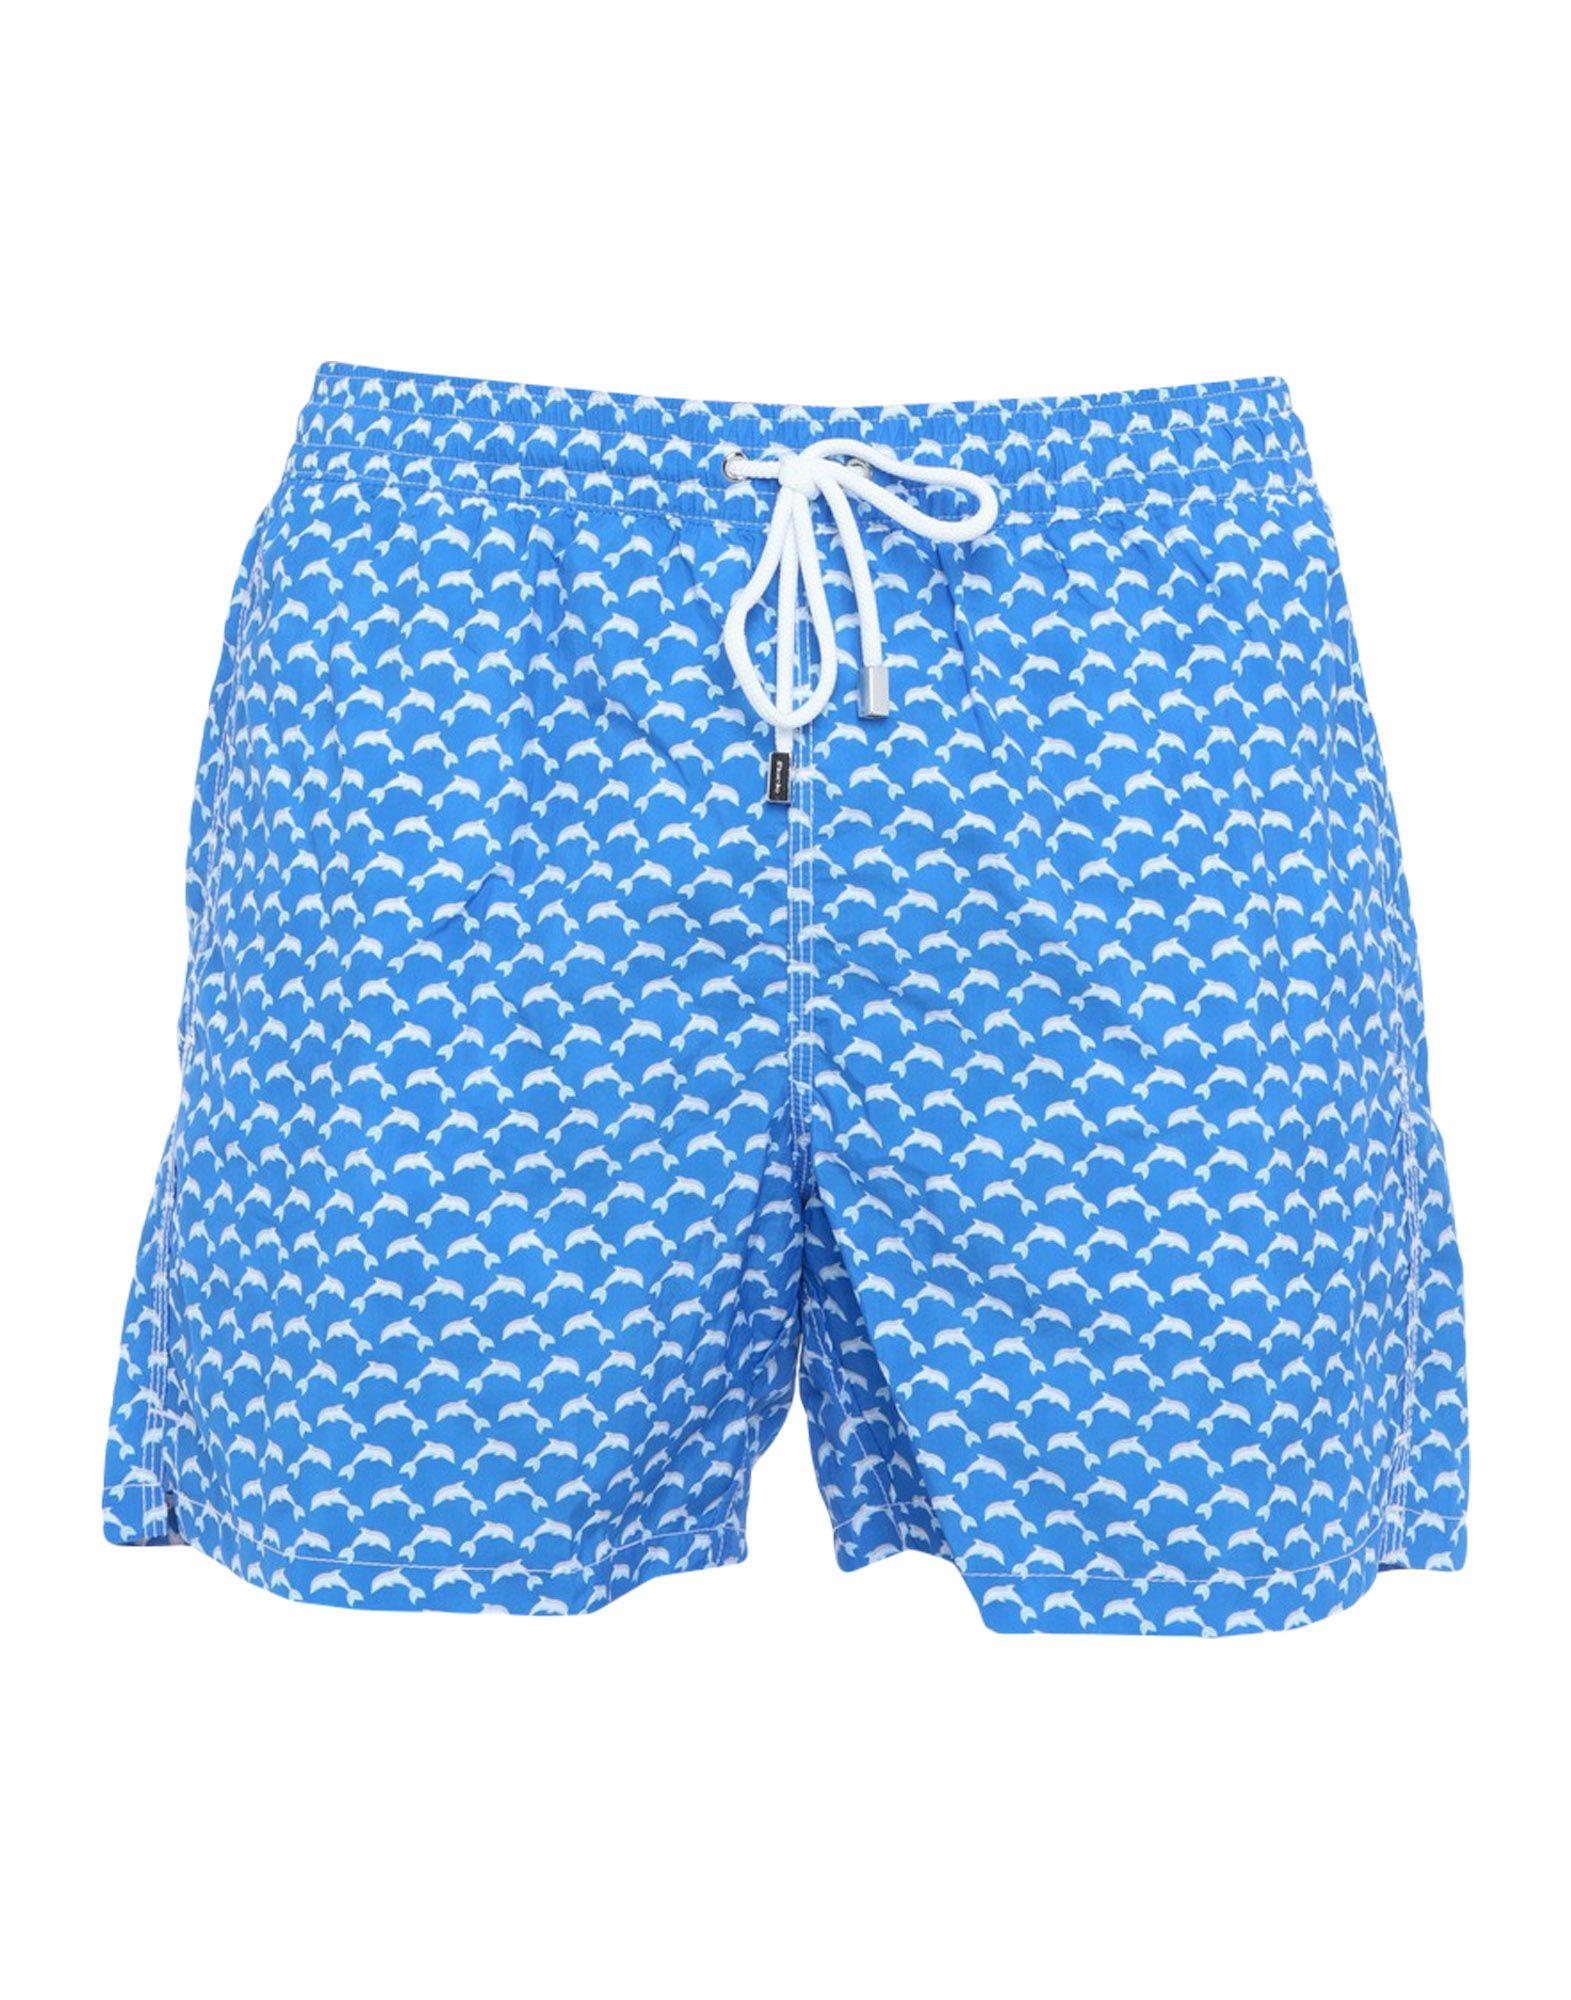 FIORIO Шорты для плавания шорты для плавания с принтом scene volley